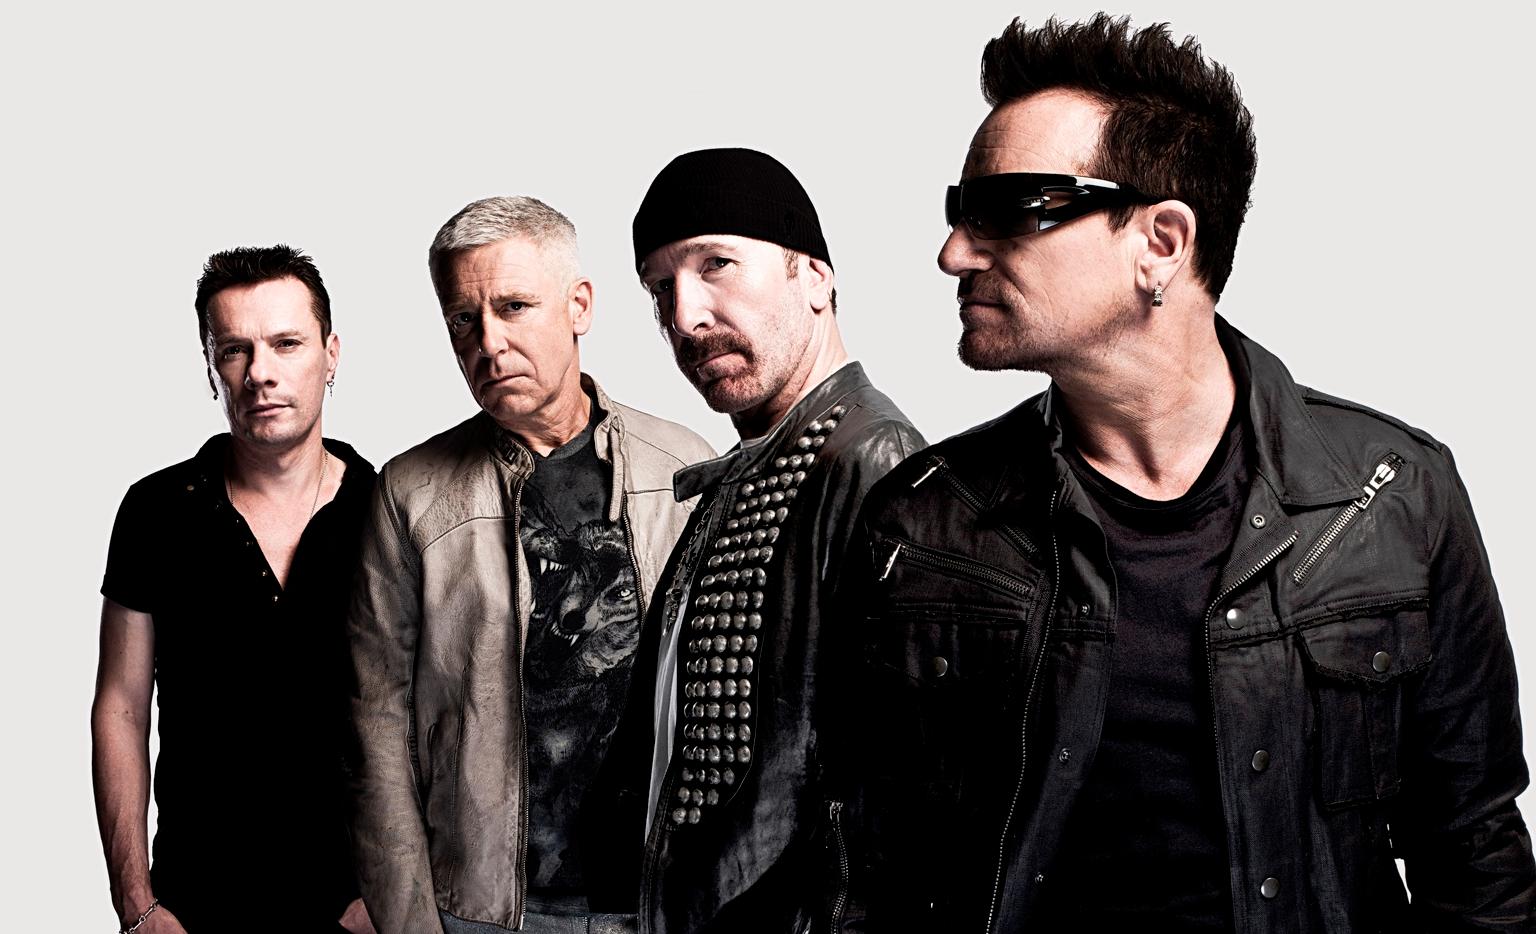 U2 pic